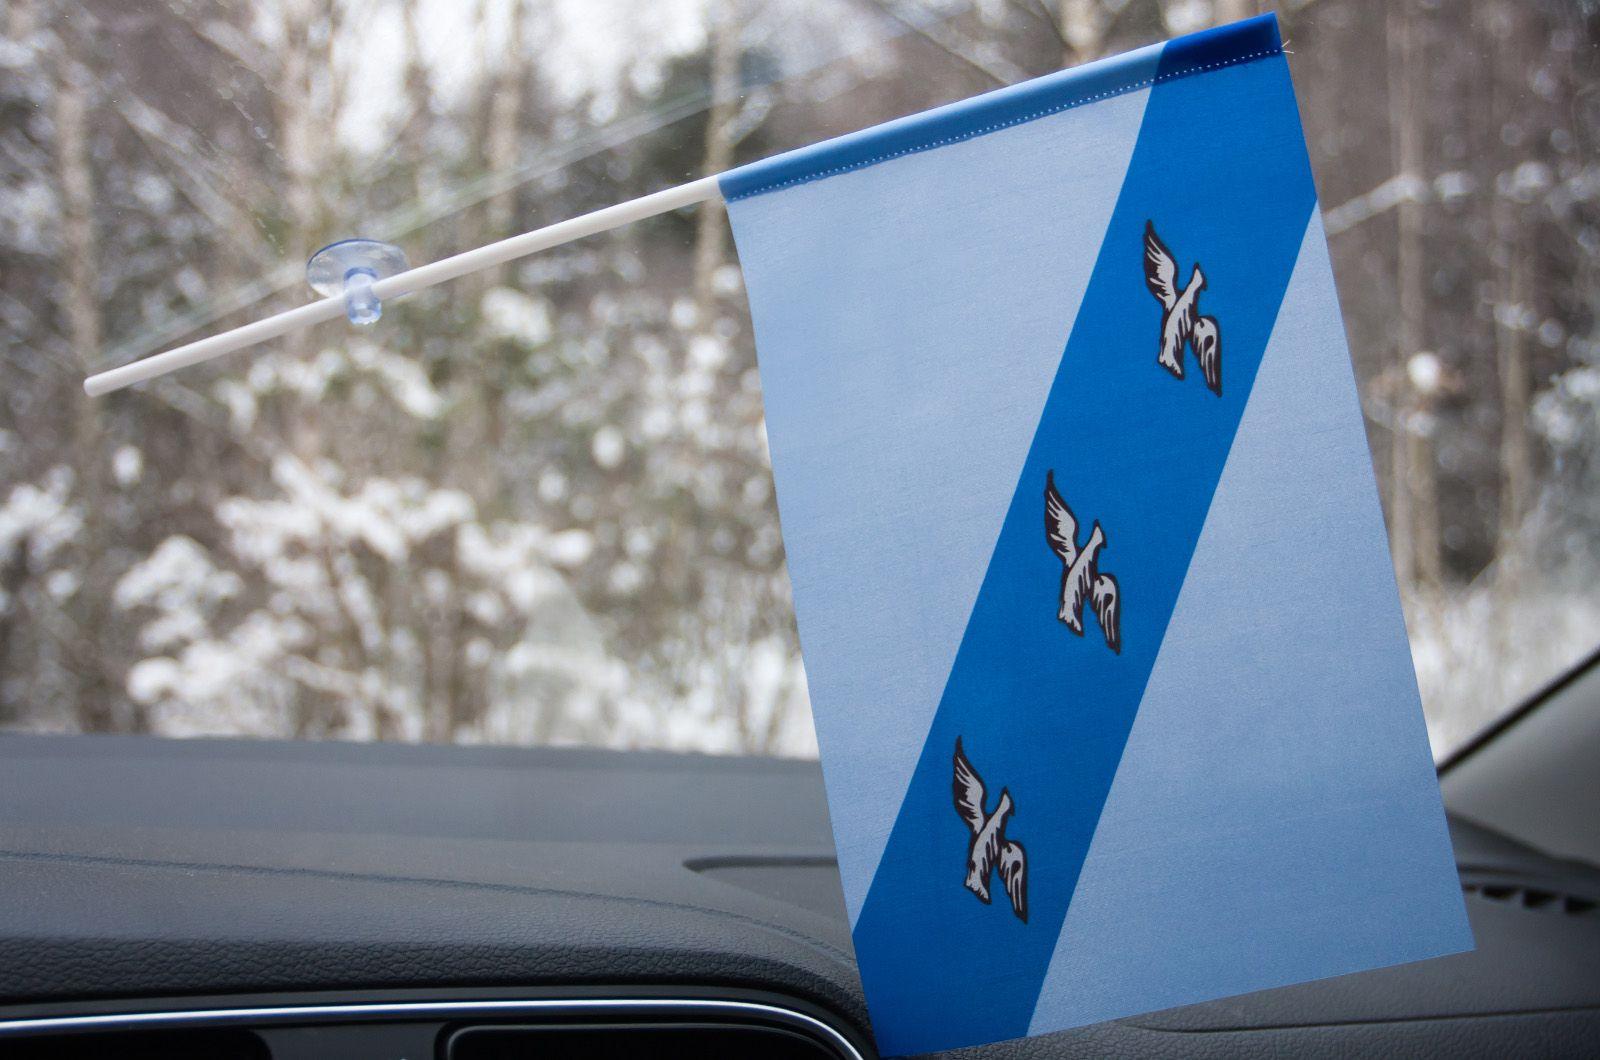 Флажок Курска в машину